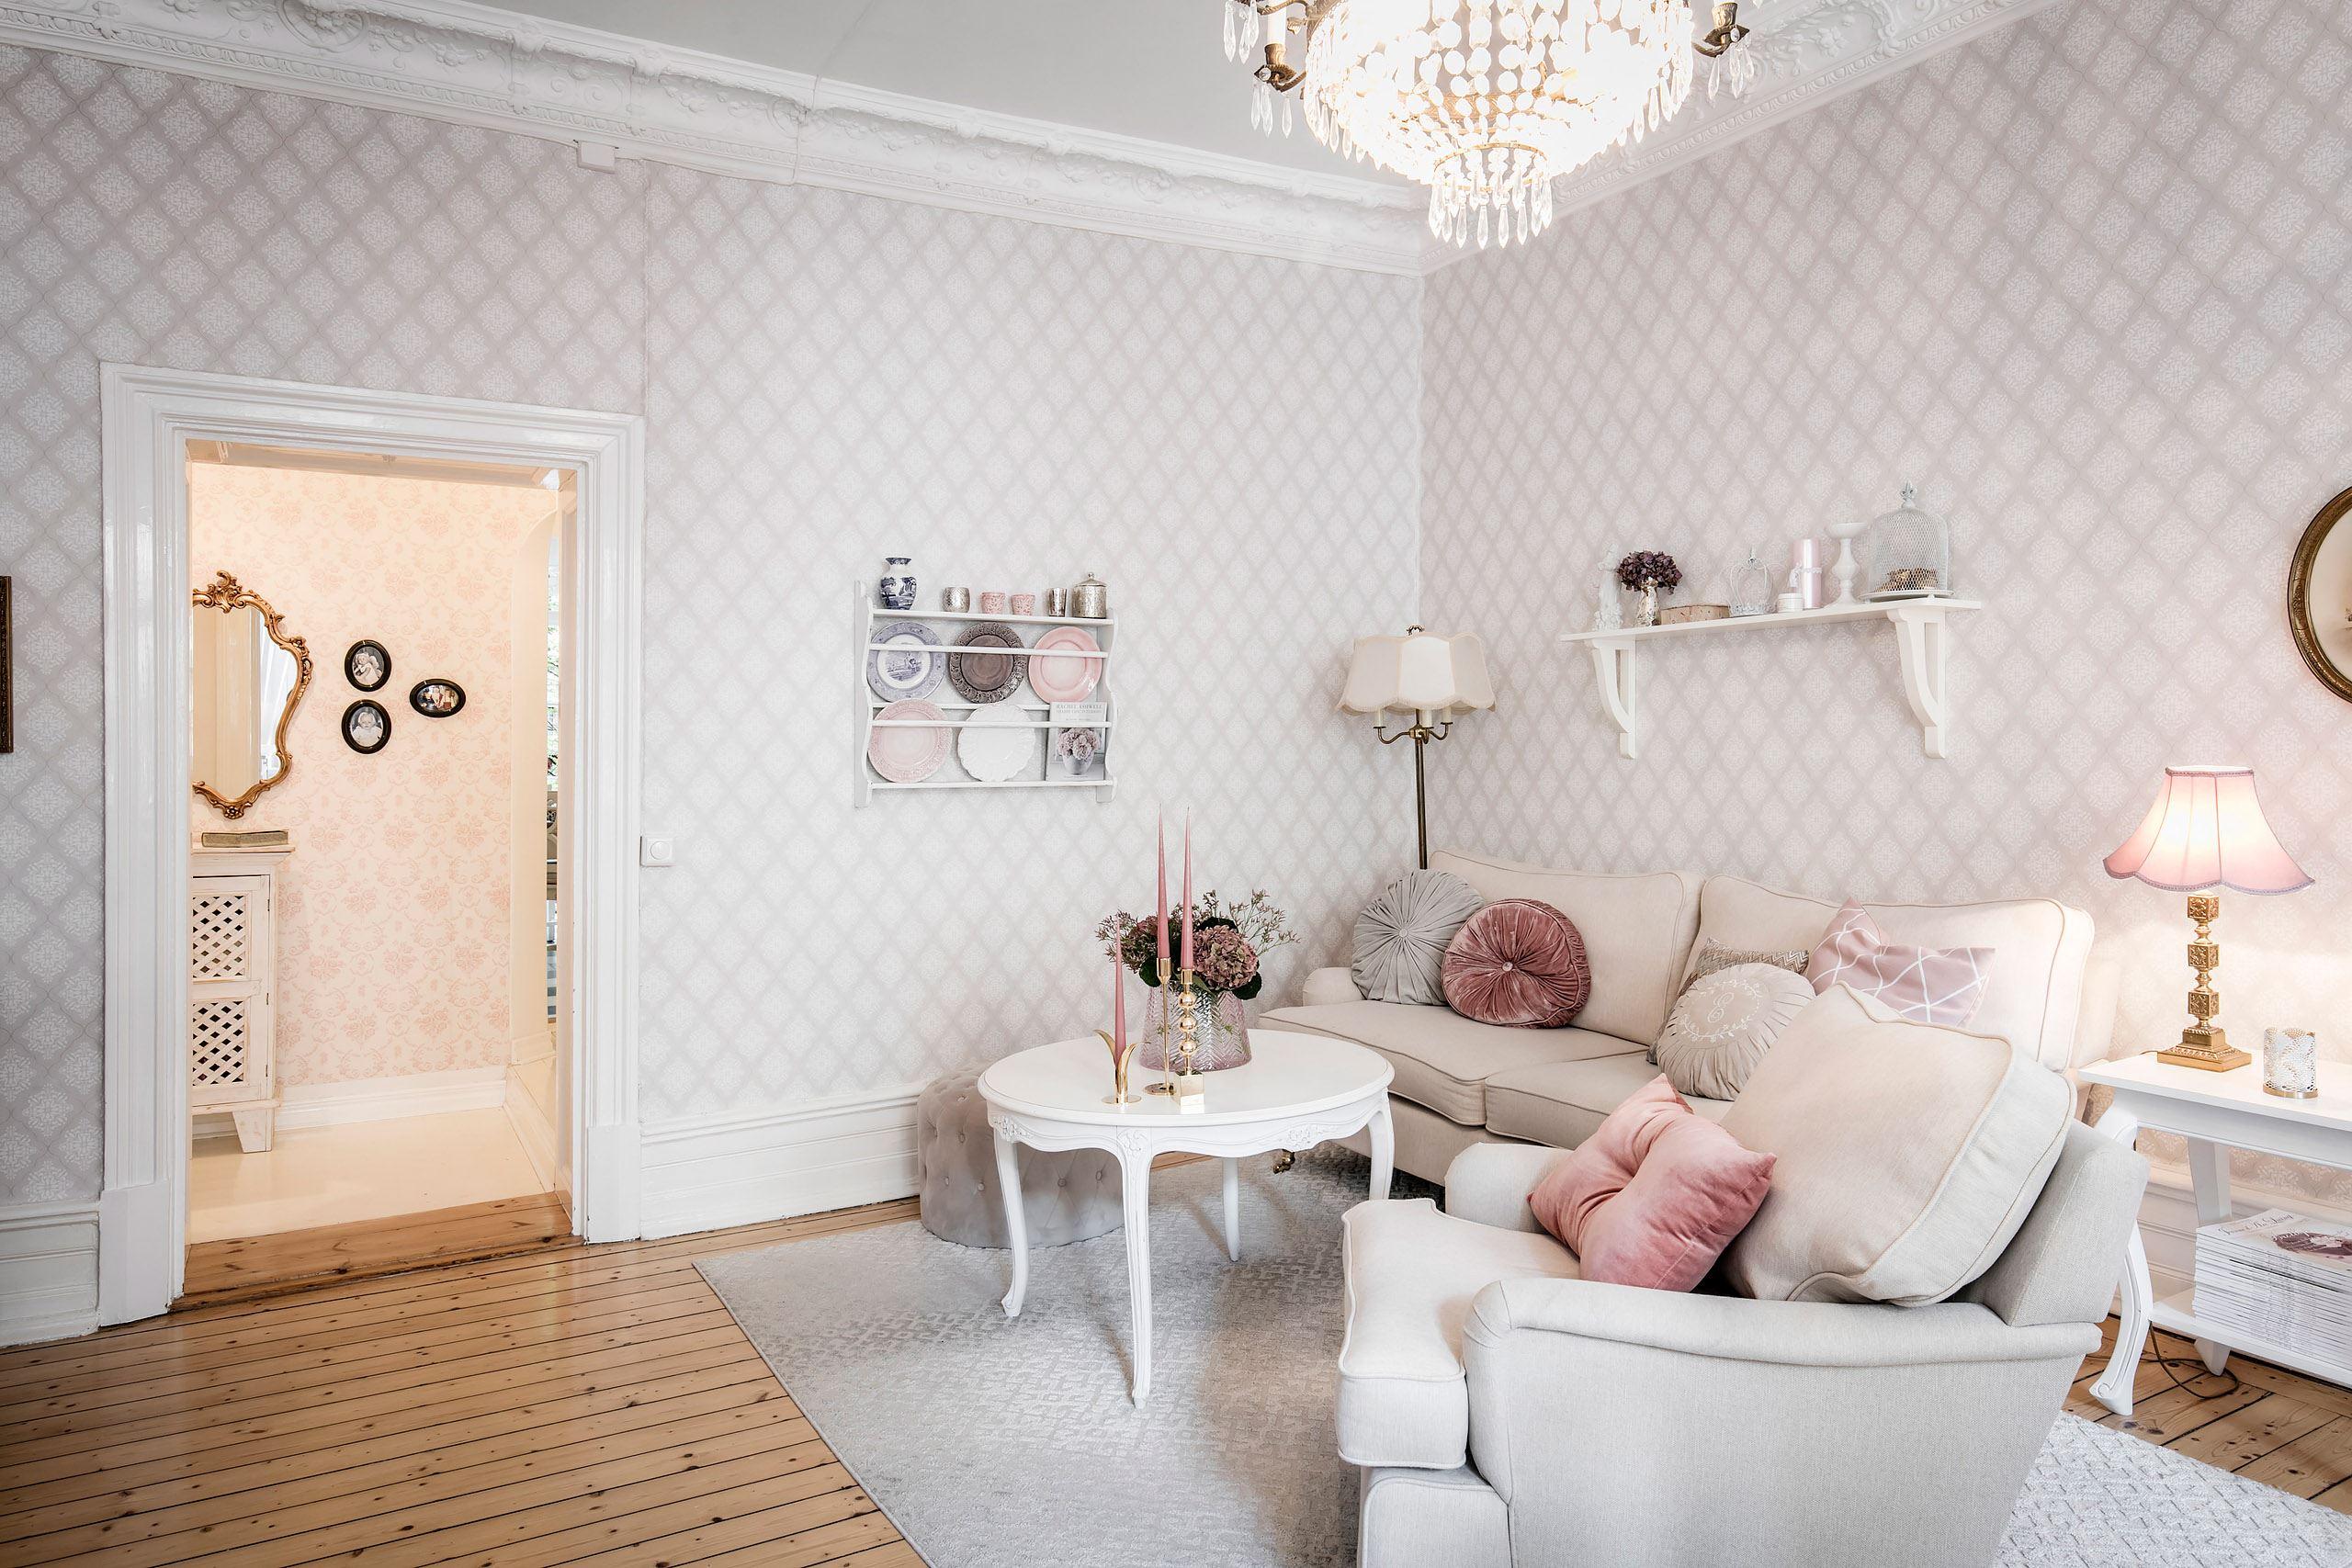 гостиная бежевая мягкая мебель обои лепнина карниз